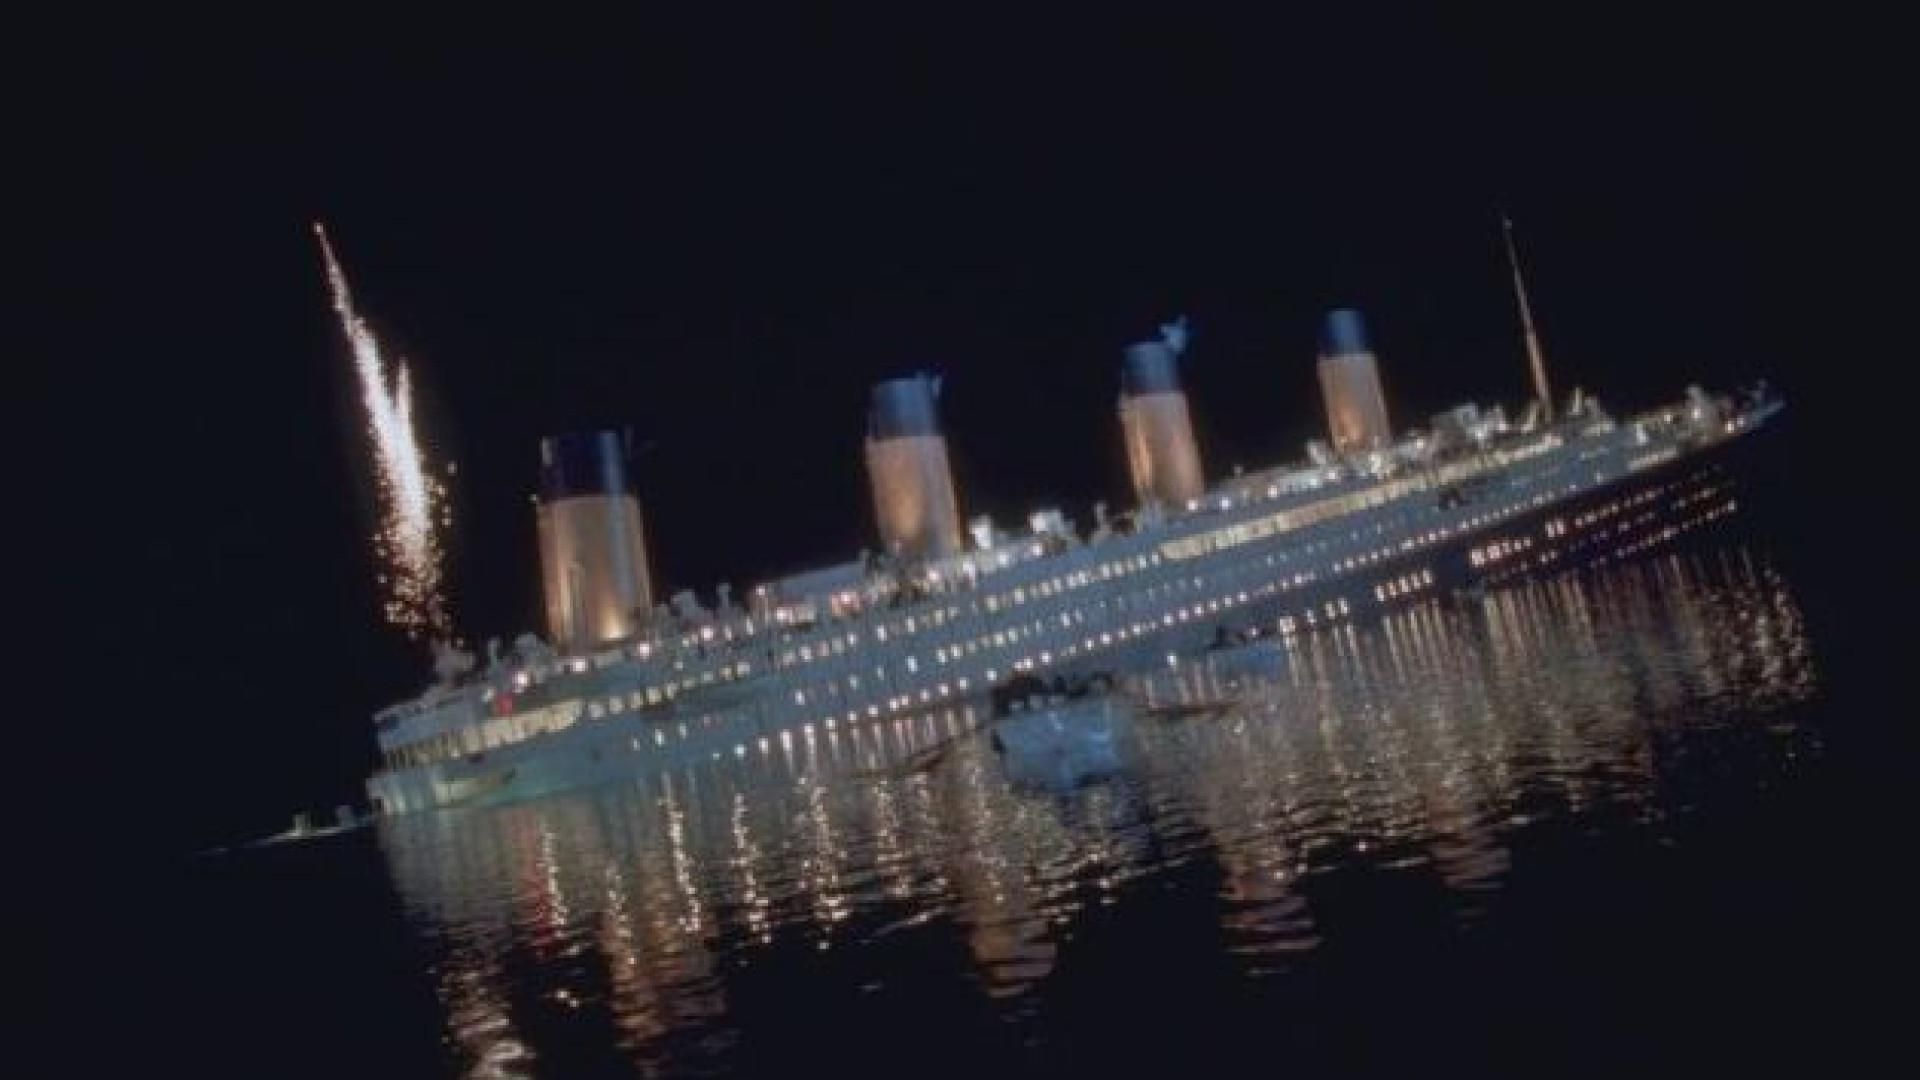 7 mitos sobre o Titanic que todos acham que são verdades